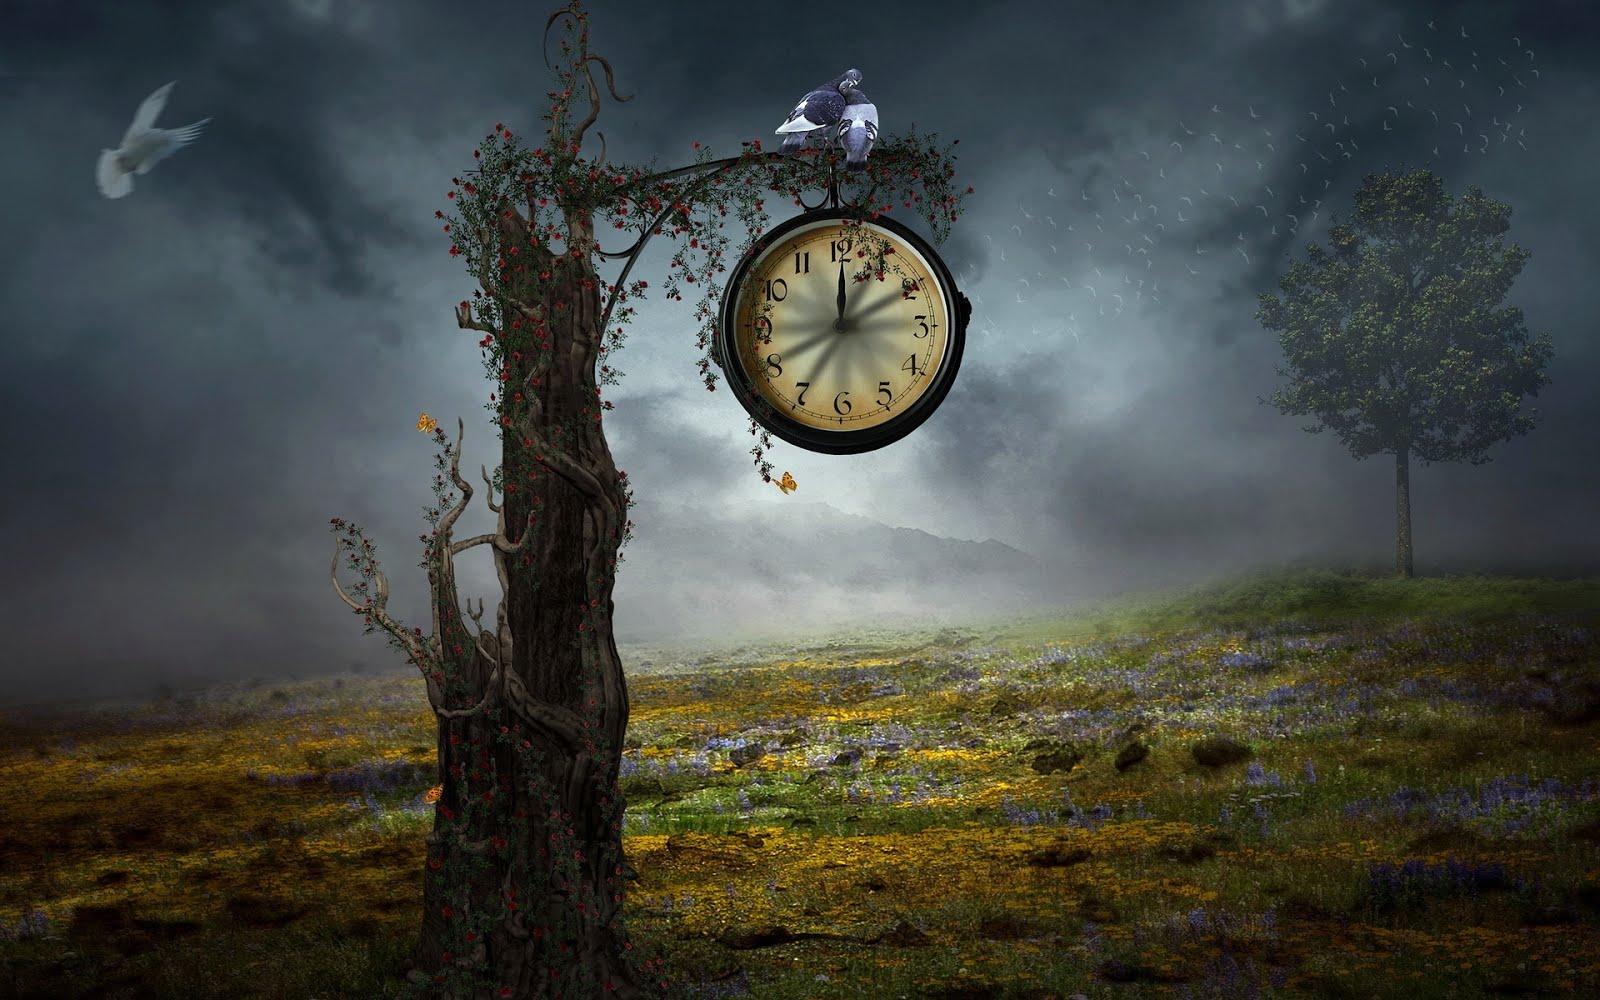 http://1.bp.blogspot.com/-Vcq4m2LgSoE/UQss_aEC0NI/AAAAAAABl6s/njJUOLZ-RJ0/s1600/reloj-fantasy-tree-watch-1920x1200-wallpaper-.jpg